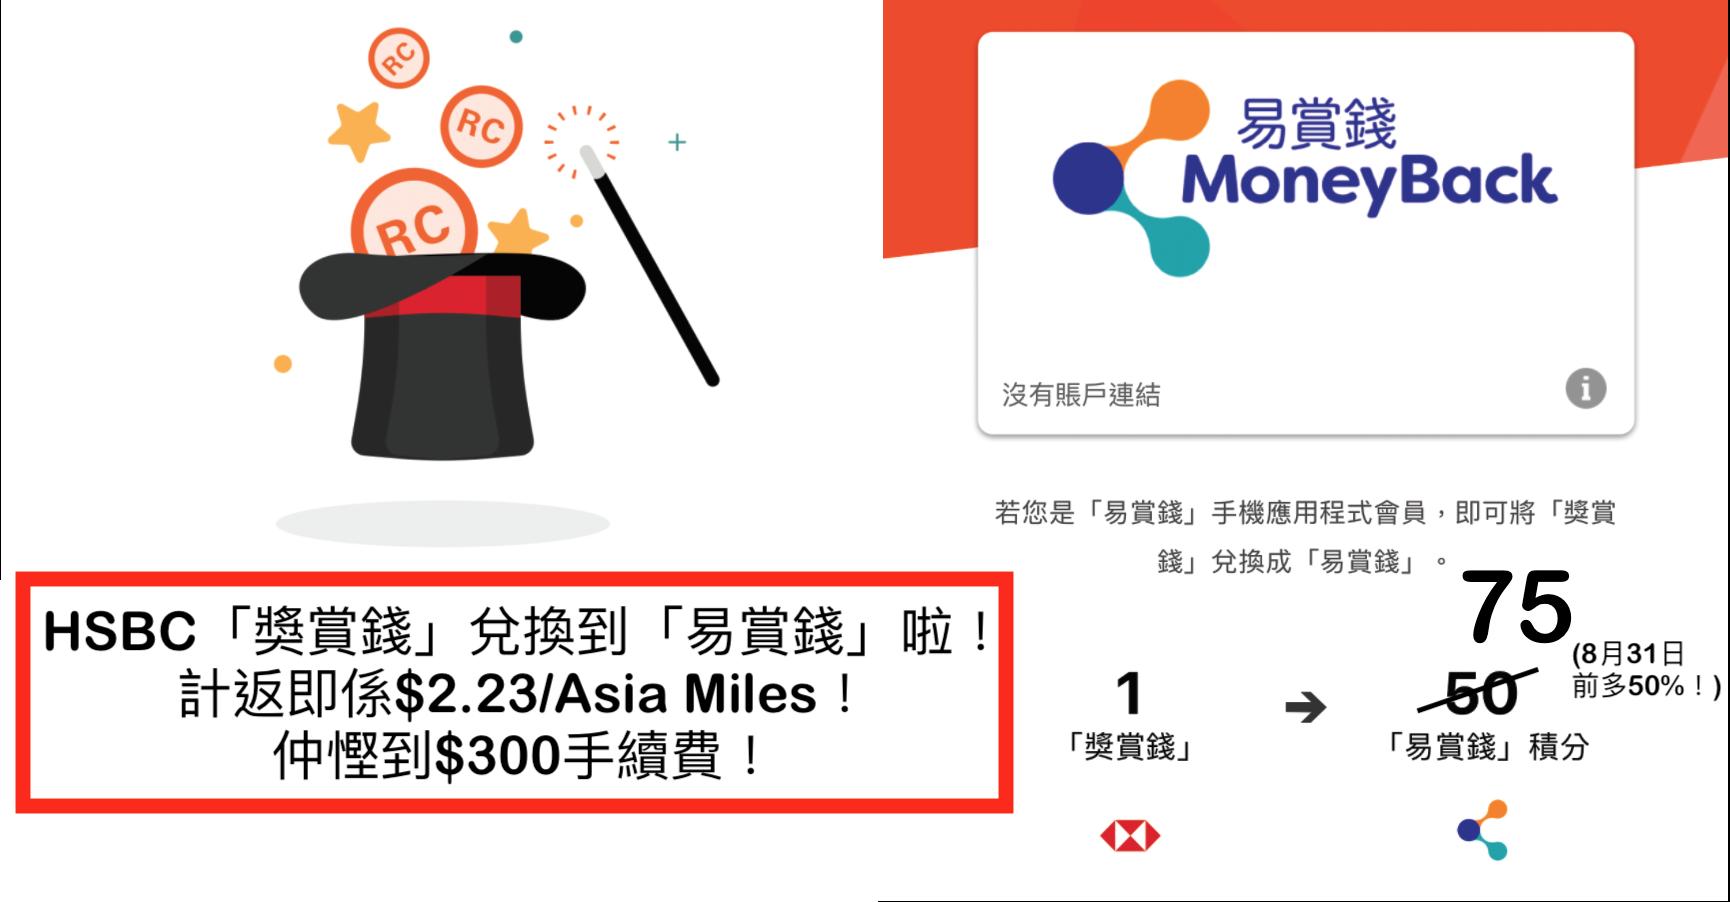 HSBC「獎賞錢」兌換到「易賞錢」啦!計返$2.23/里呀!8月31日兌換再多50%!仲可以慳到$300手續費!